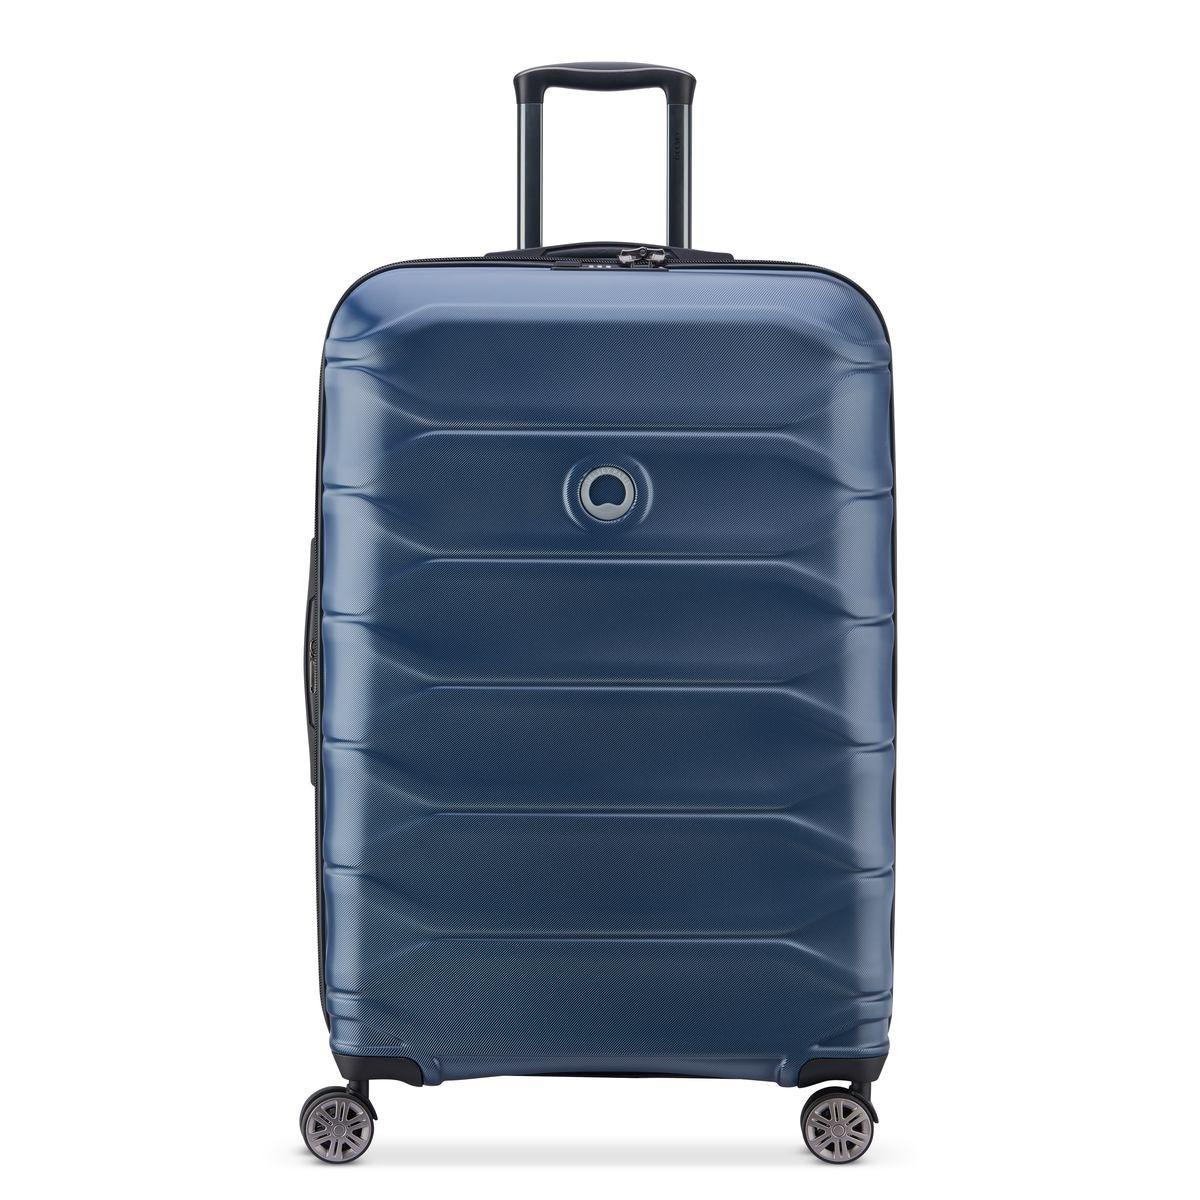 Delsey Βαλίτσα μεγάλη expandable 78x50x29.5/32.5cm σειρά Meteor Blue